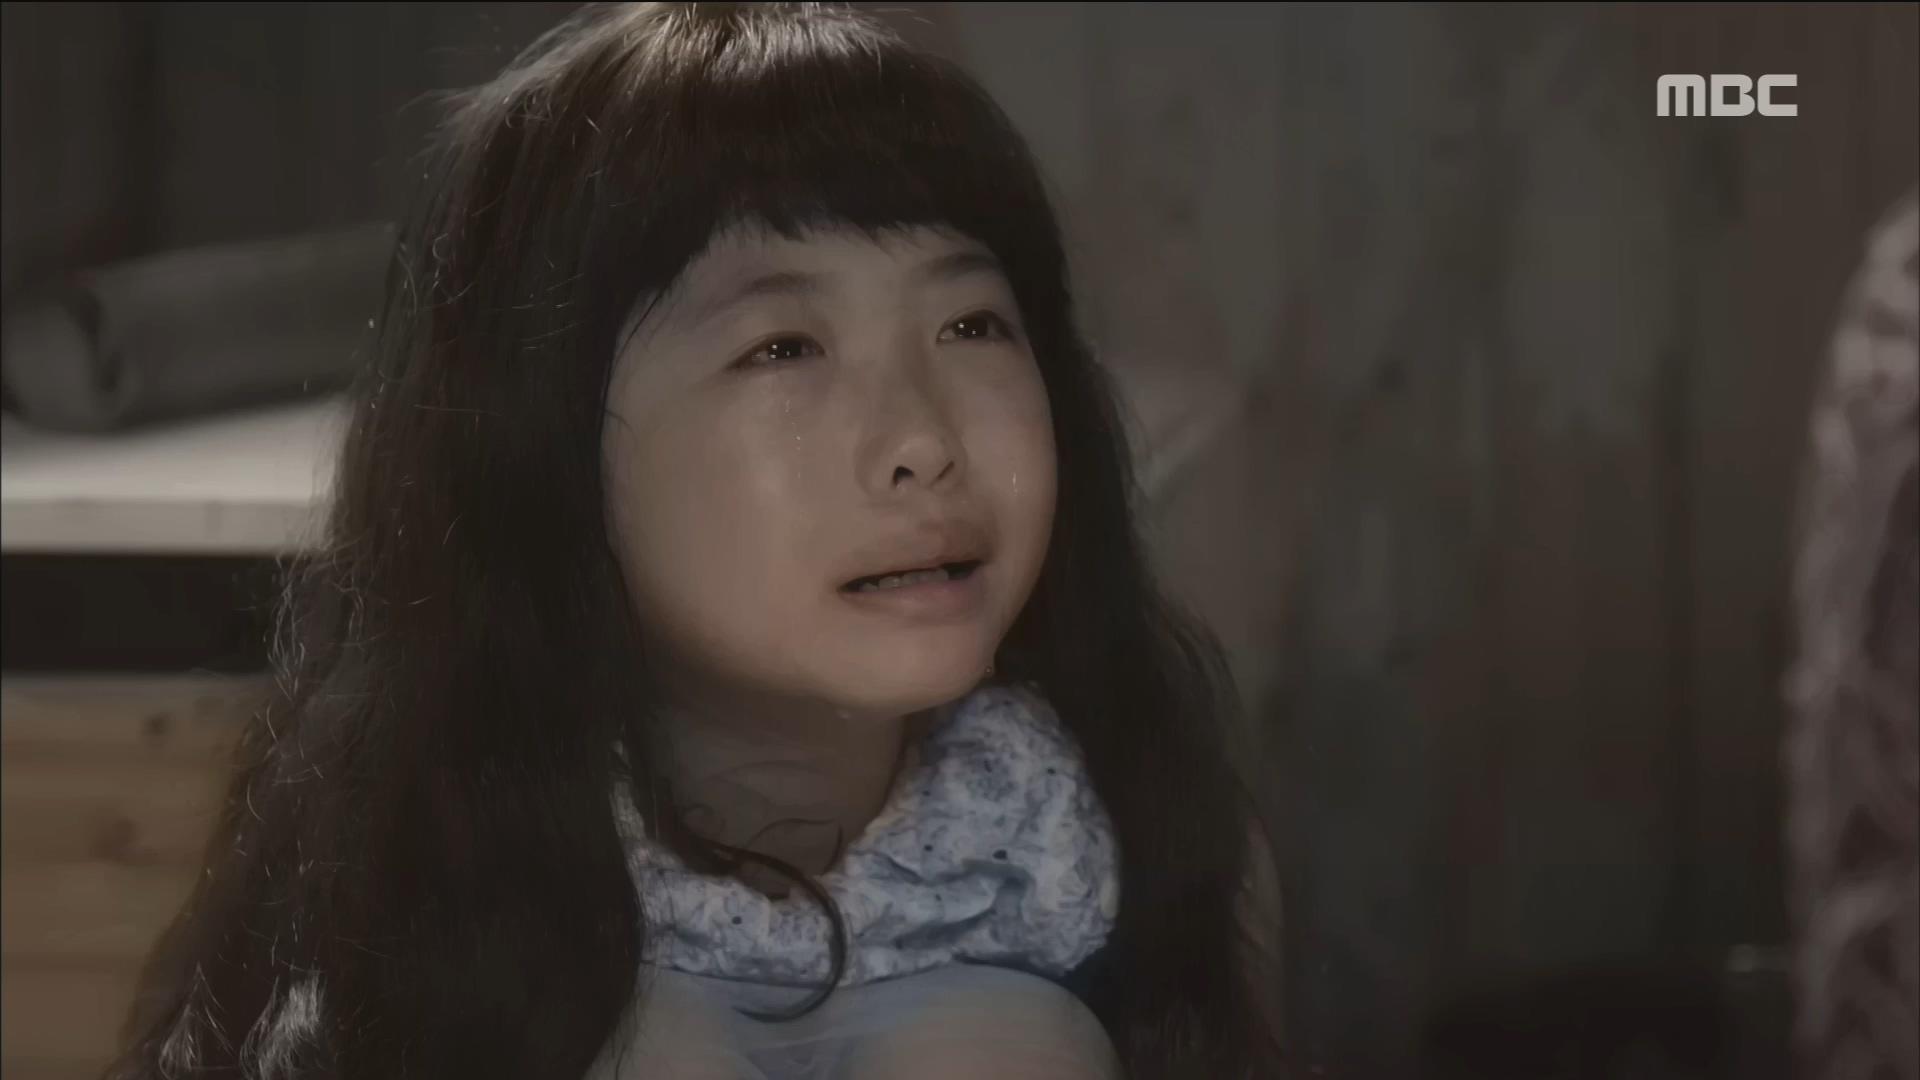 서주희, 자신의 딸을 살리기 위해 수아 납치에 가담했던 과거..